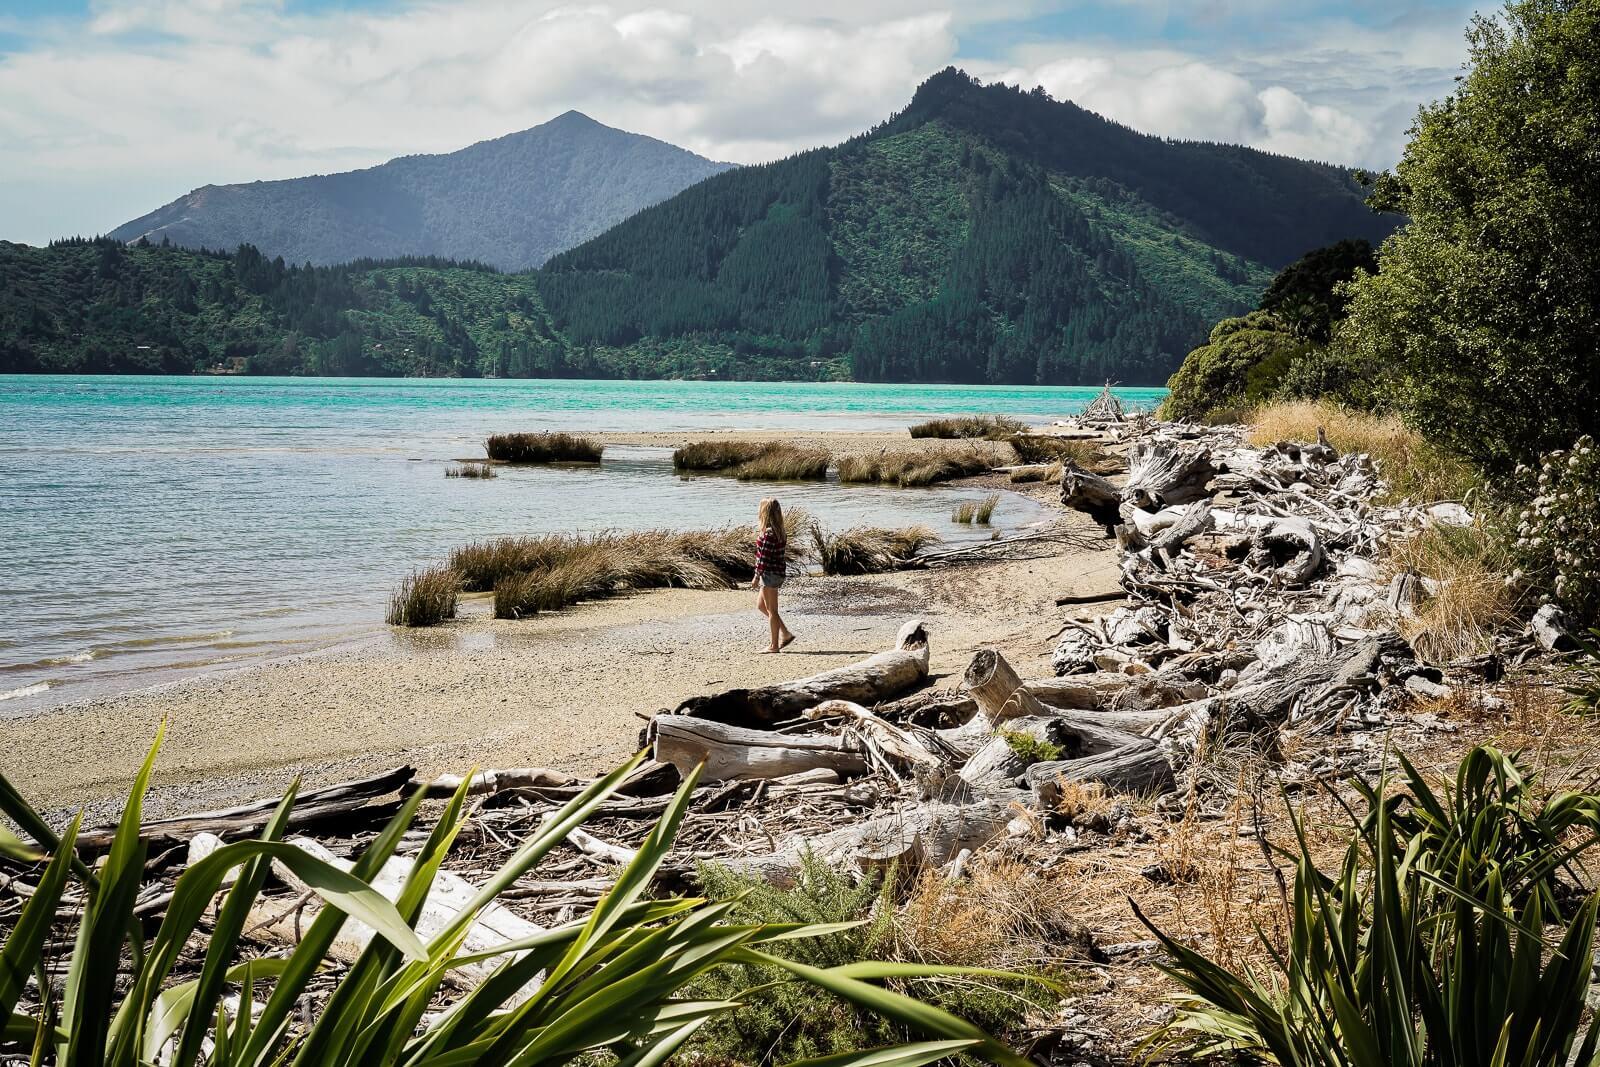 Marlborough Sounds - Adembenemend mooie baaien in een afgelegen gebied